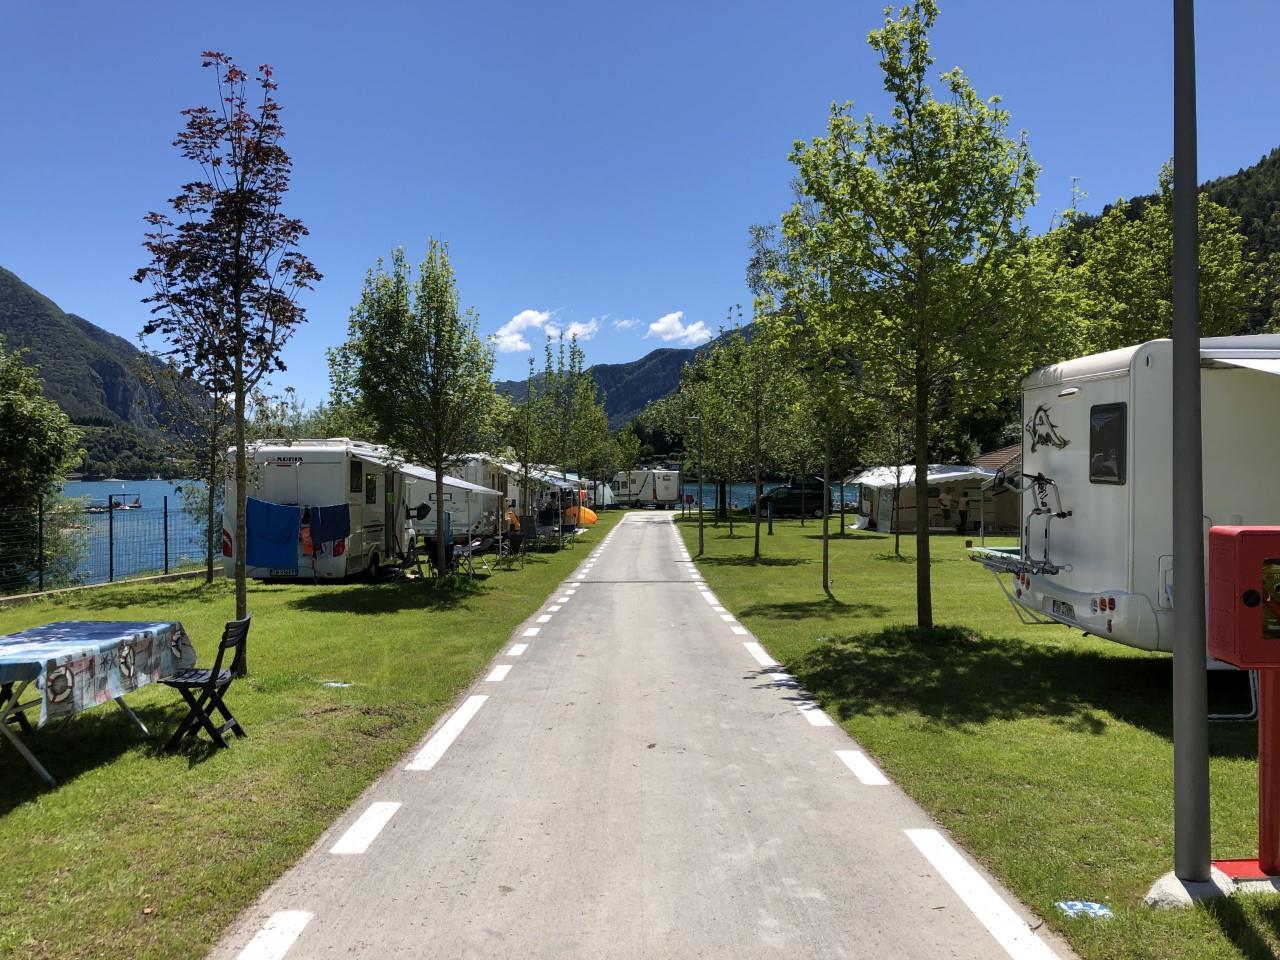 Emplacement - Emplacement Comfort 70/90 M² Avec Électricité - Camping Azzurro